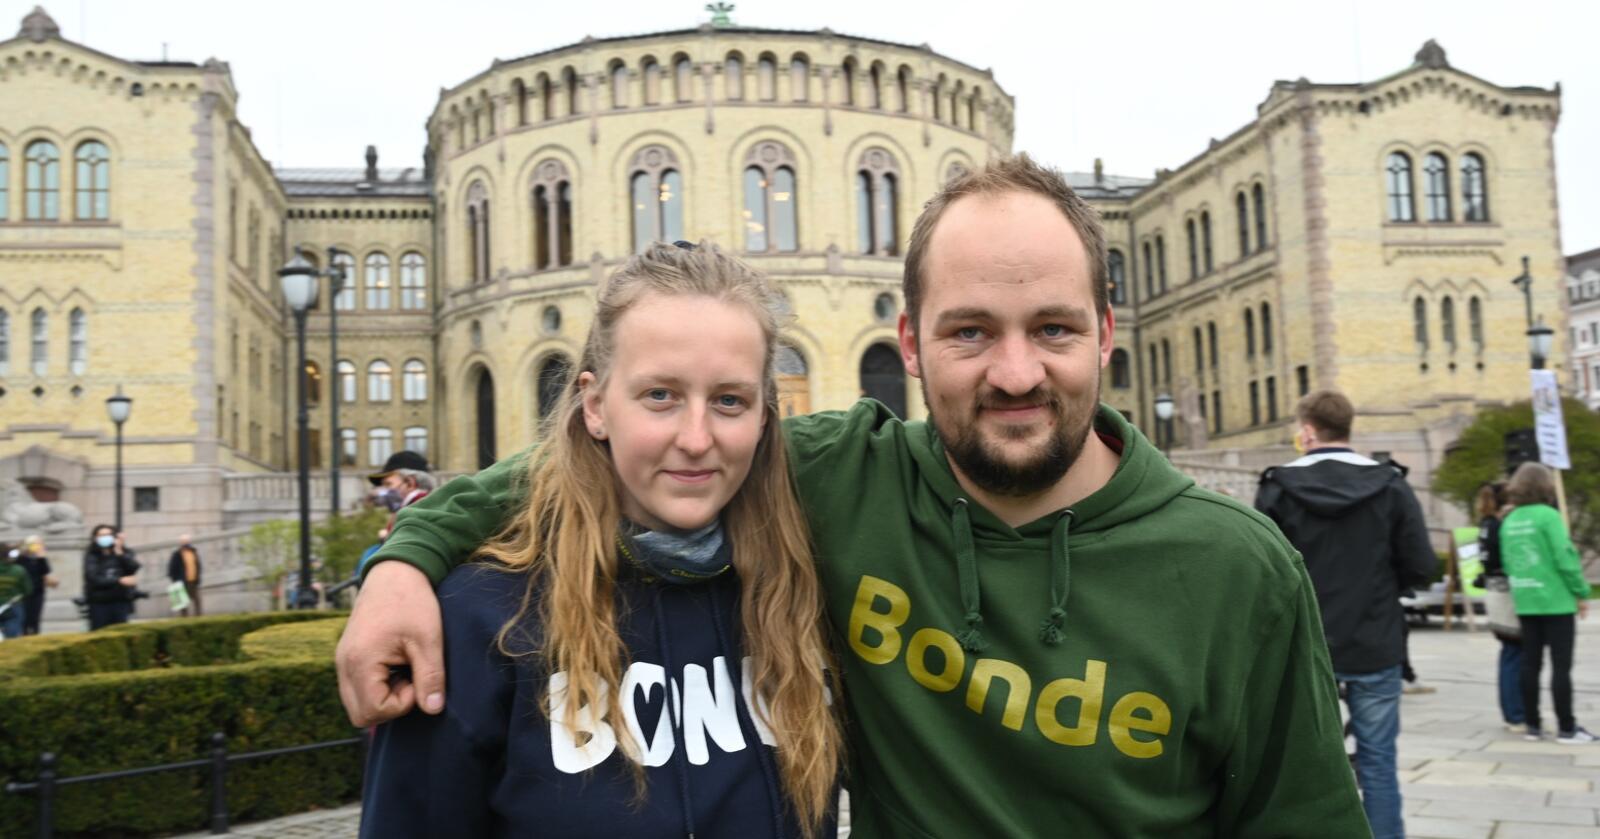 Ingeborg Rindalsholt og Tor Olav Hanset er overveldet over responsen og engasjementet de har møtt på veien fra Møre og Romsdal. Foto: Siri Juell Rasmussen